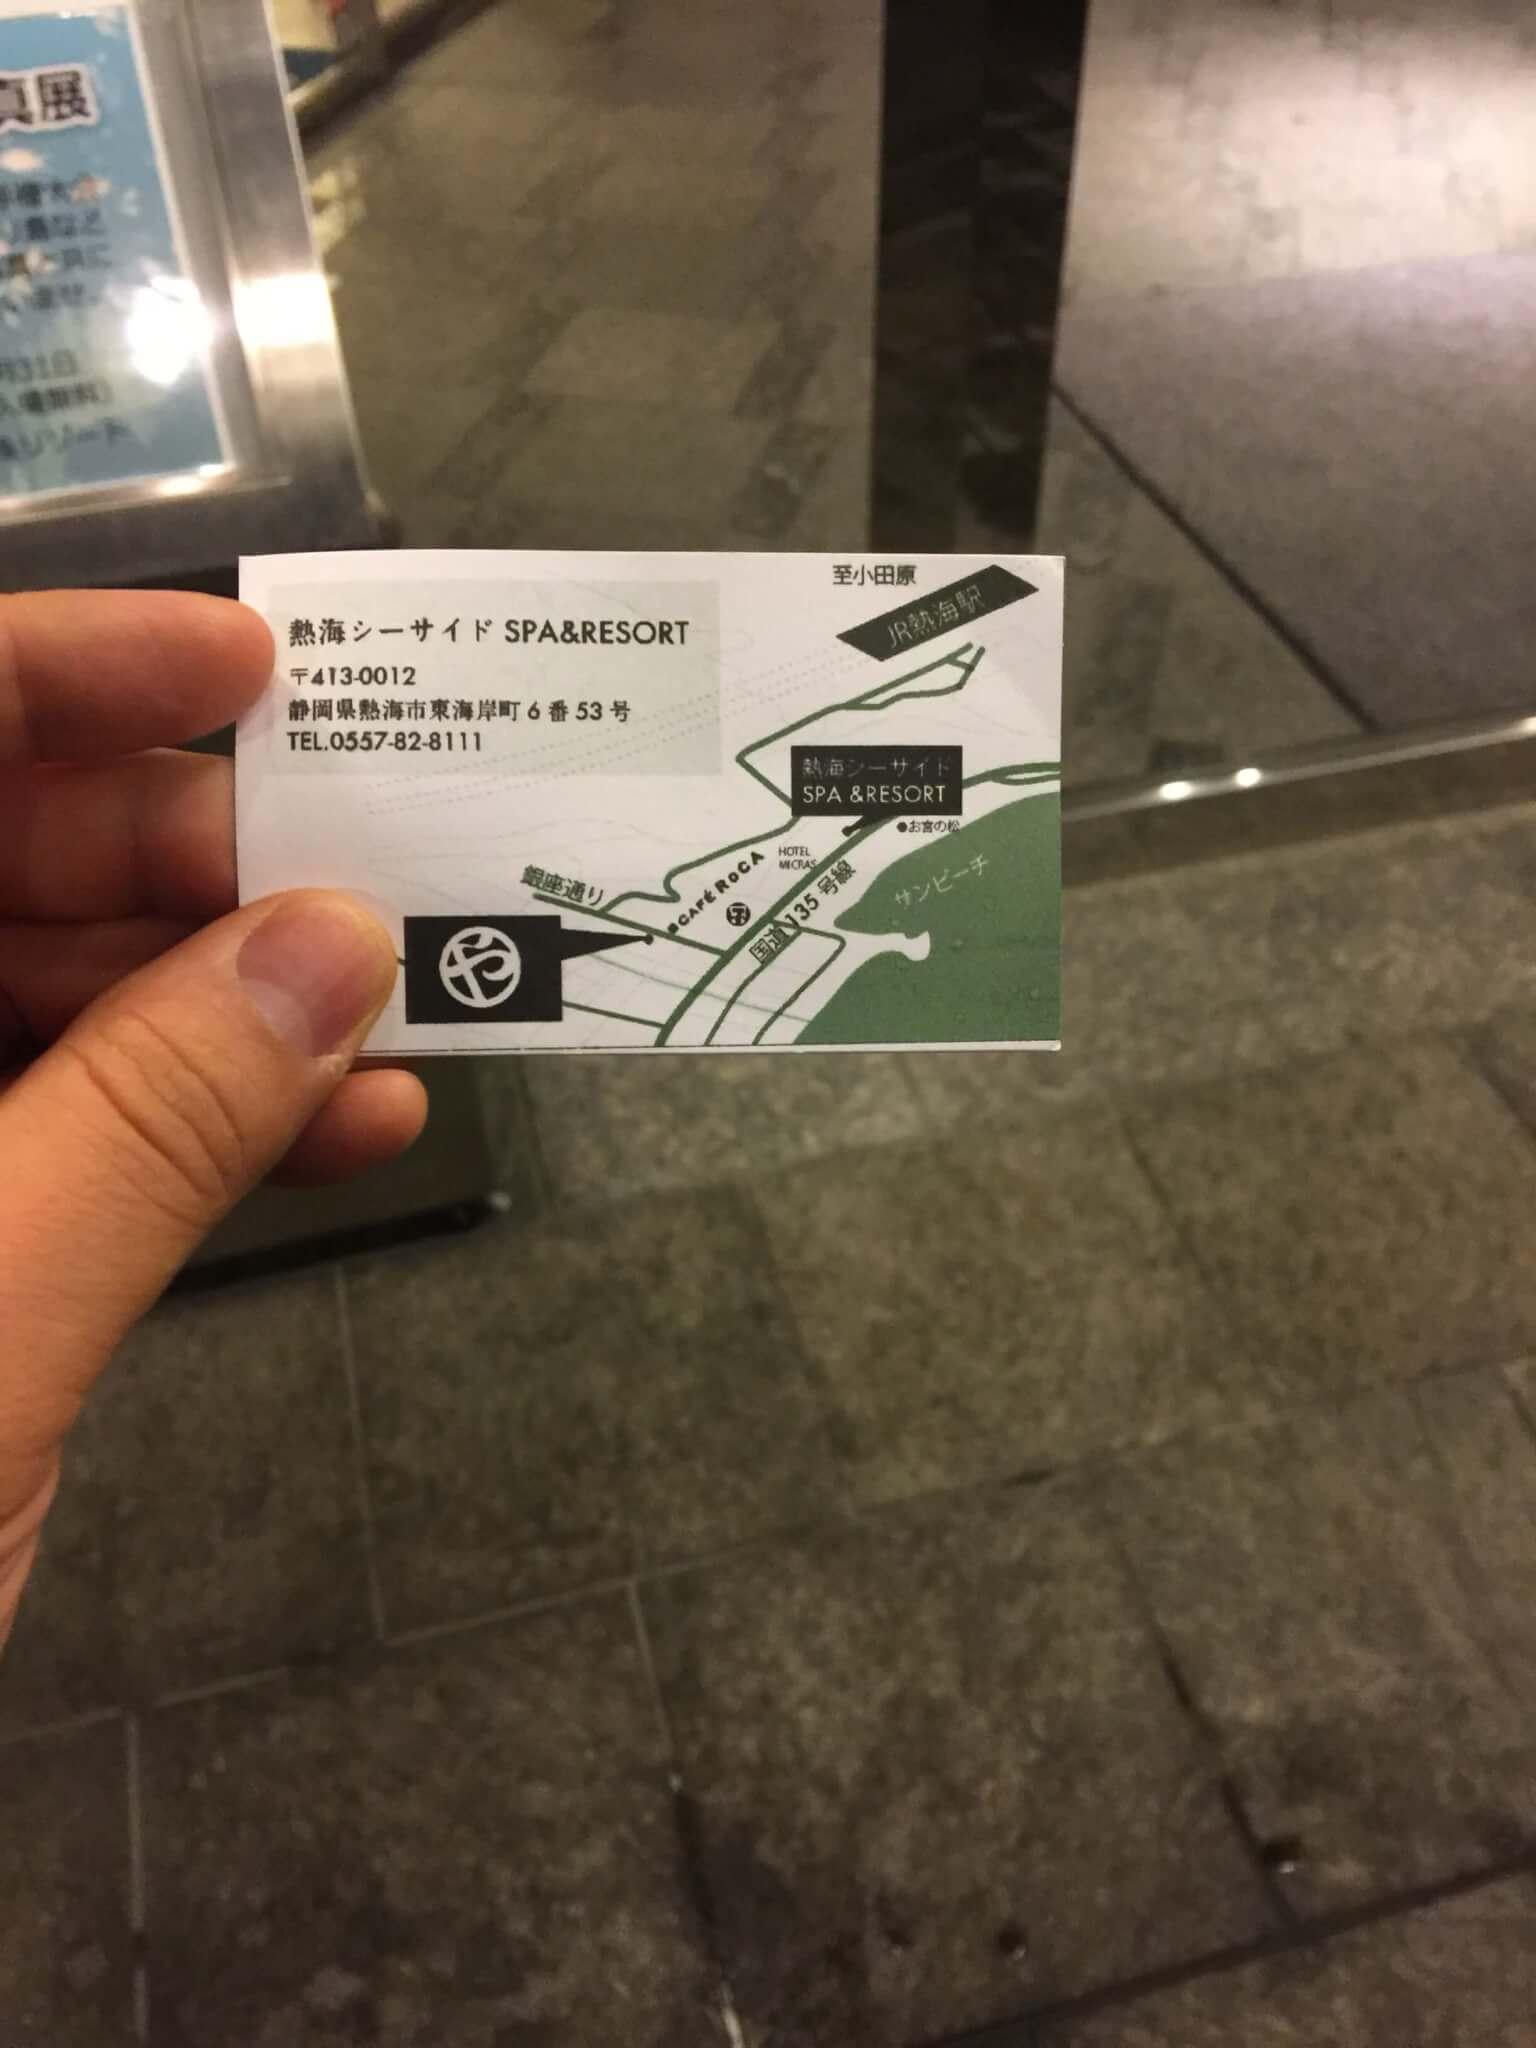 熱海シーサイドスパリゾートのチケット